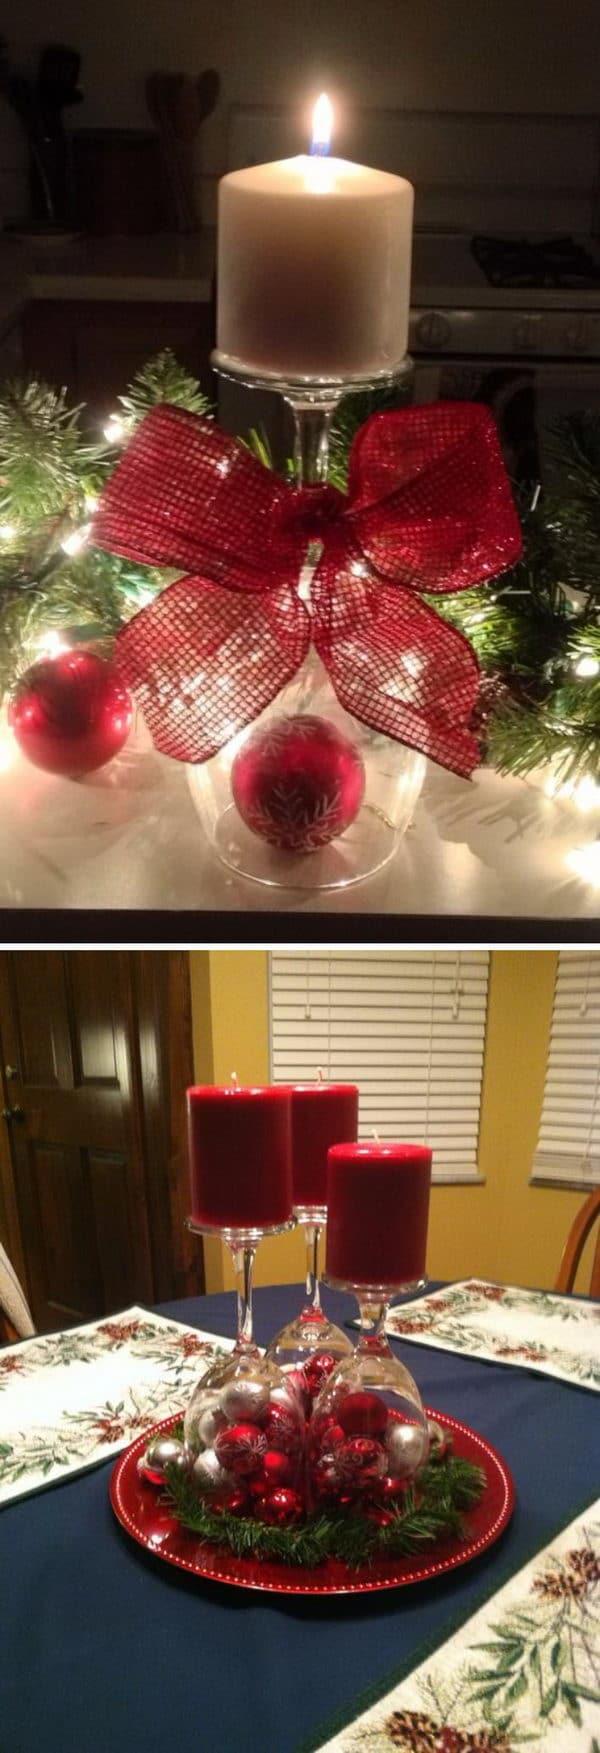 8104cc679be Las 21 Más Bellas Manualidades Para Esta Navidad - Estreno Casa